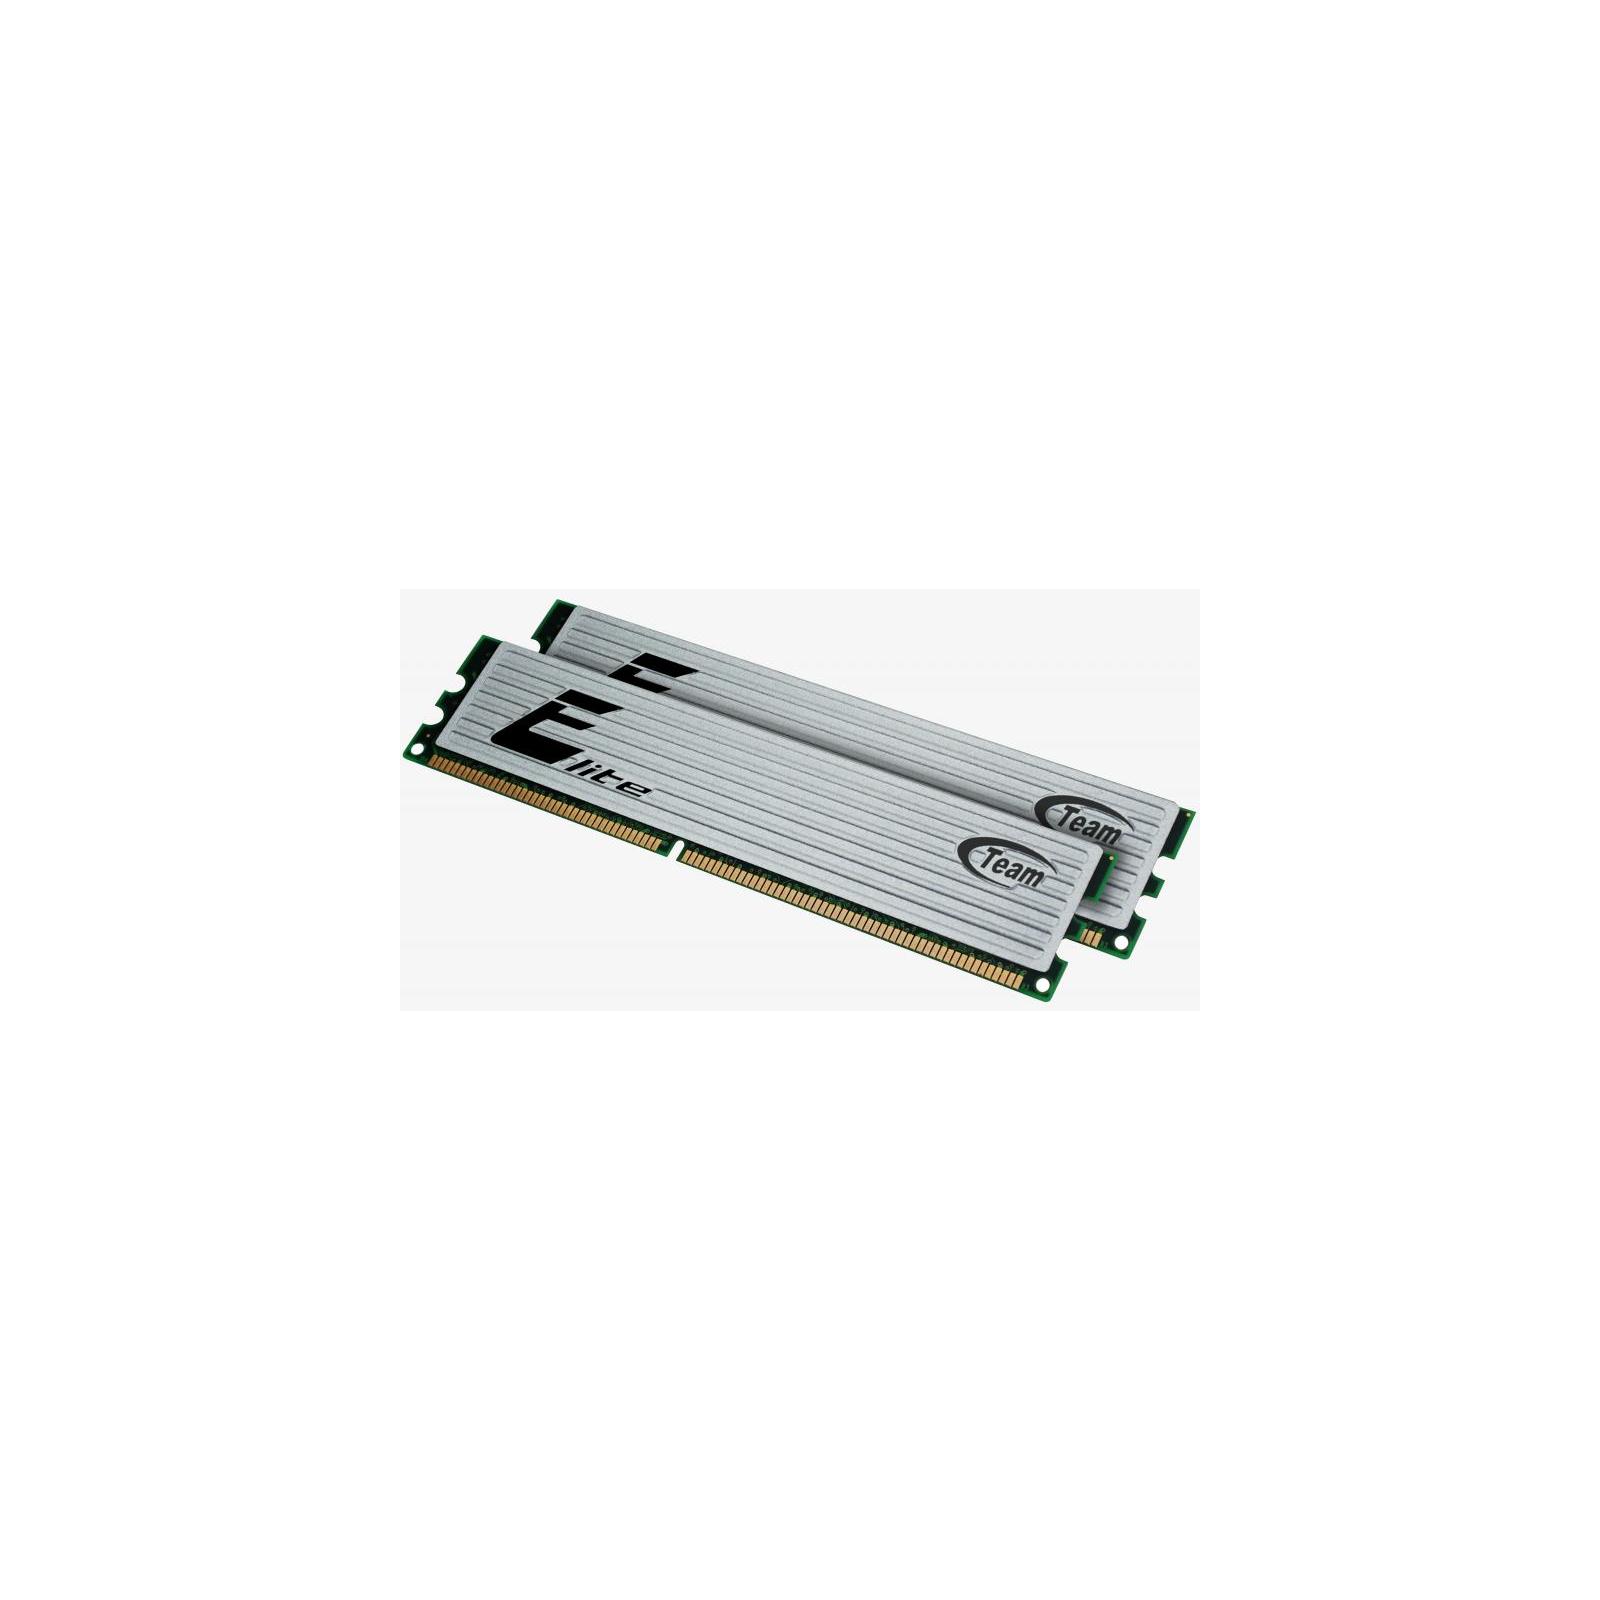 Модуль памяти для компьютера DDR3 16GB (2x8GB) 1600 MHz Team (TED3L16G1600HC11DC01)